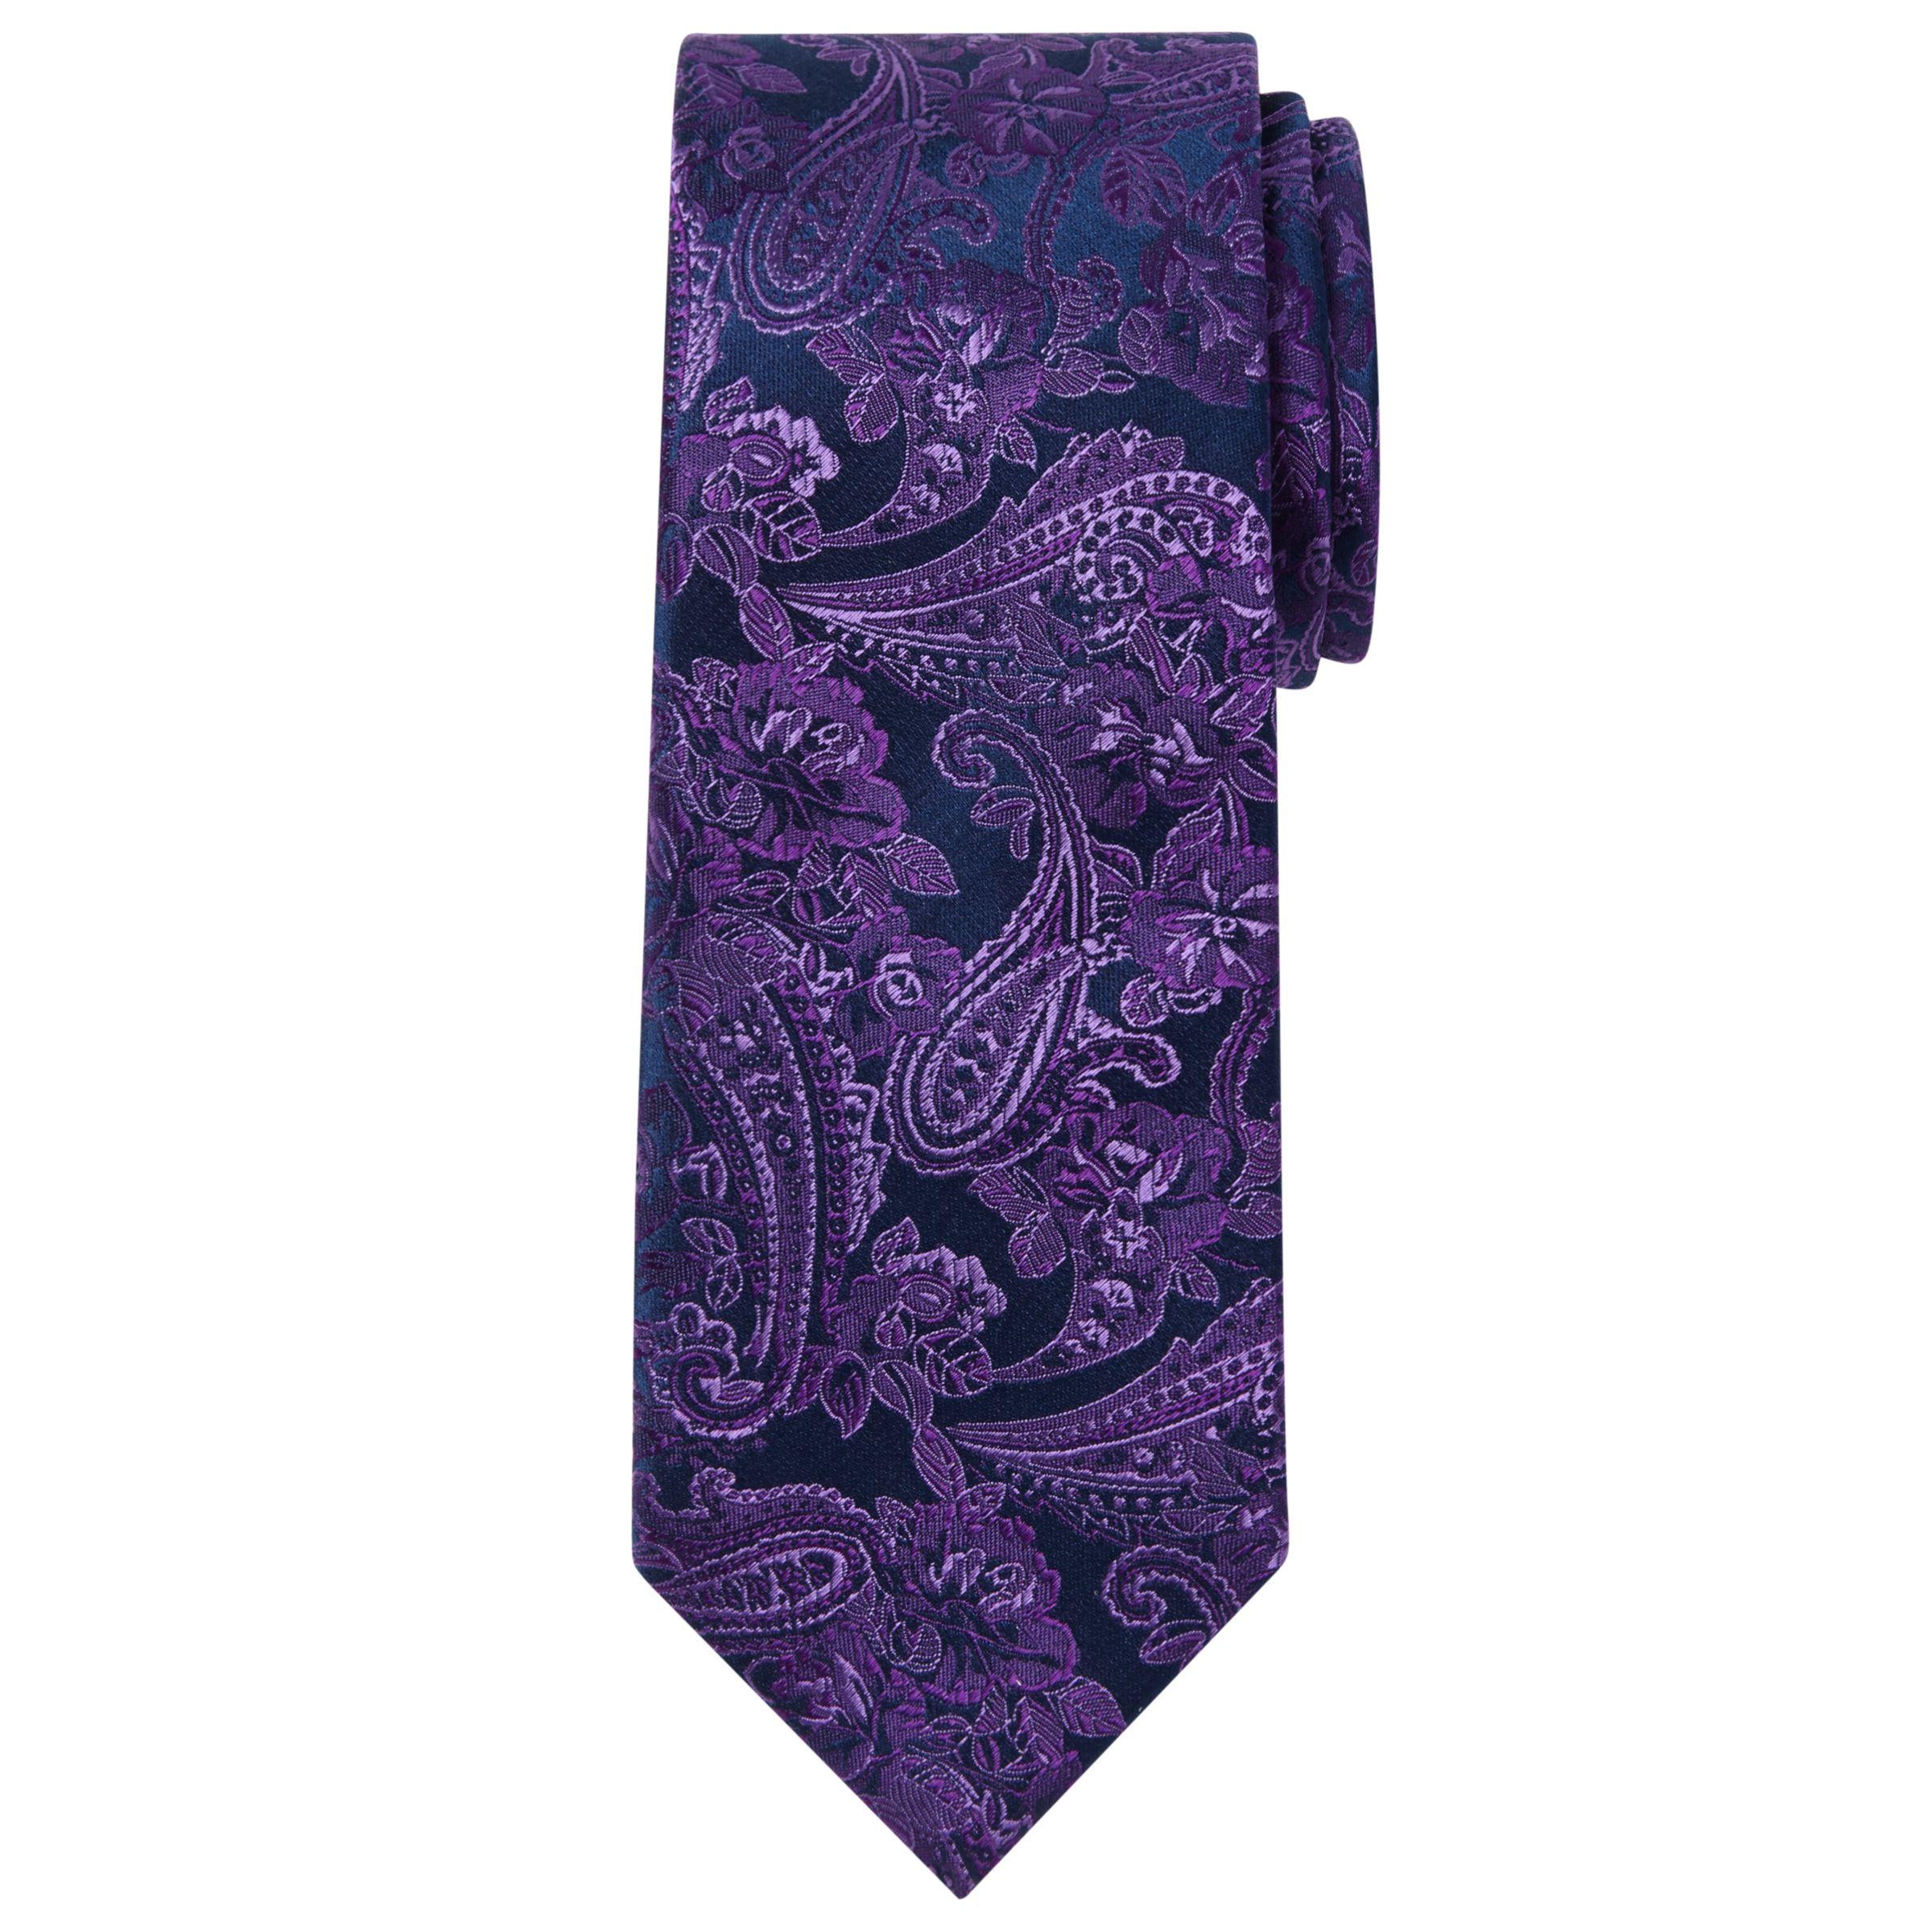 Richard James Mayfair Richard James Mayfair Fine Paisley Silk Tie